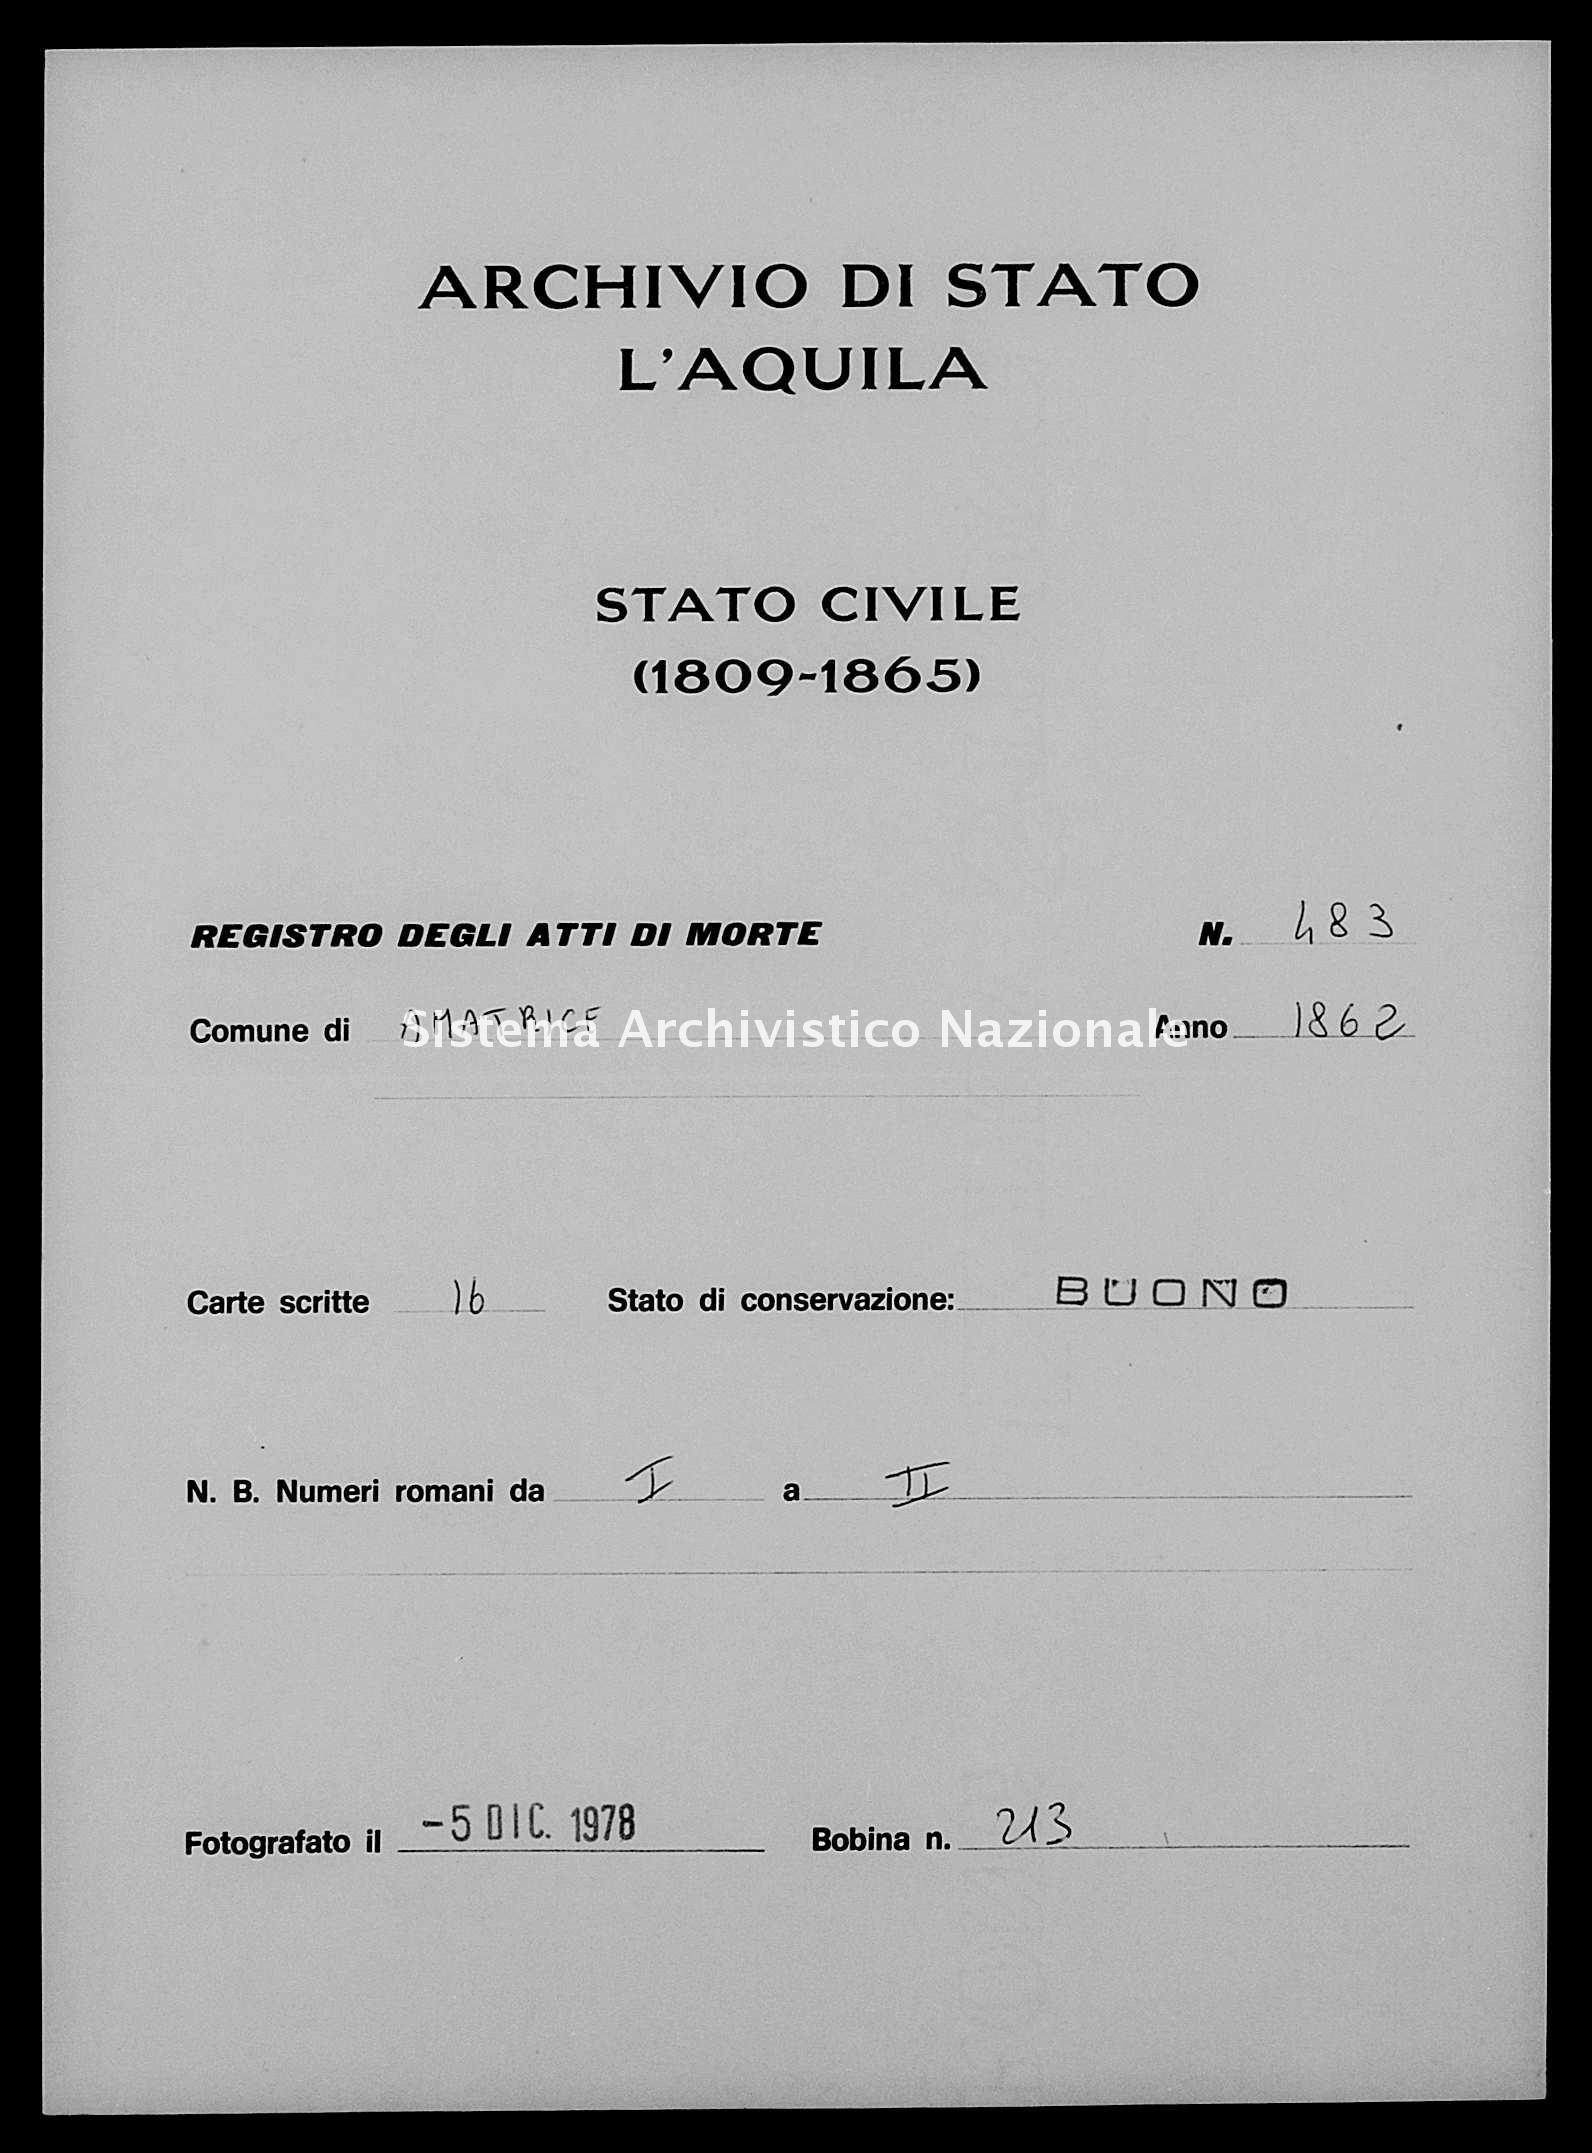 Archivio di stato di L'aquila - Stato civile italiano - Amatrice - Morti - 1862 - 483 -